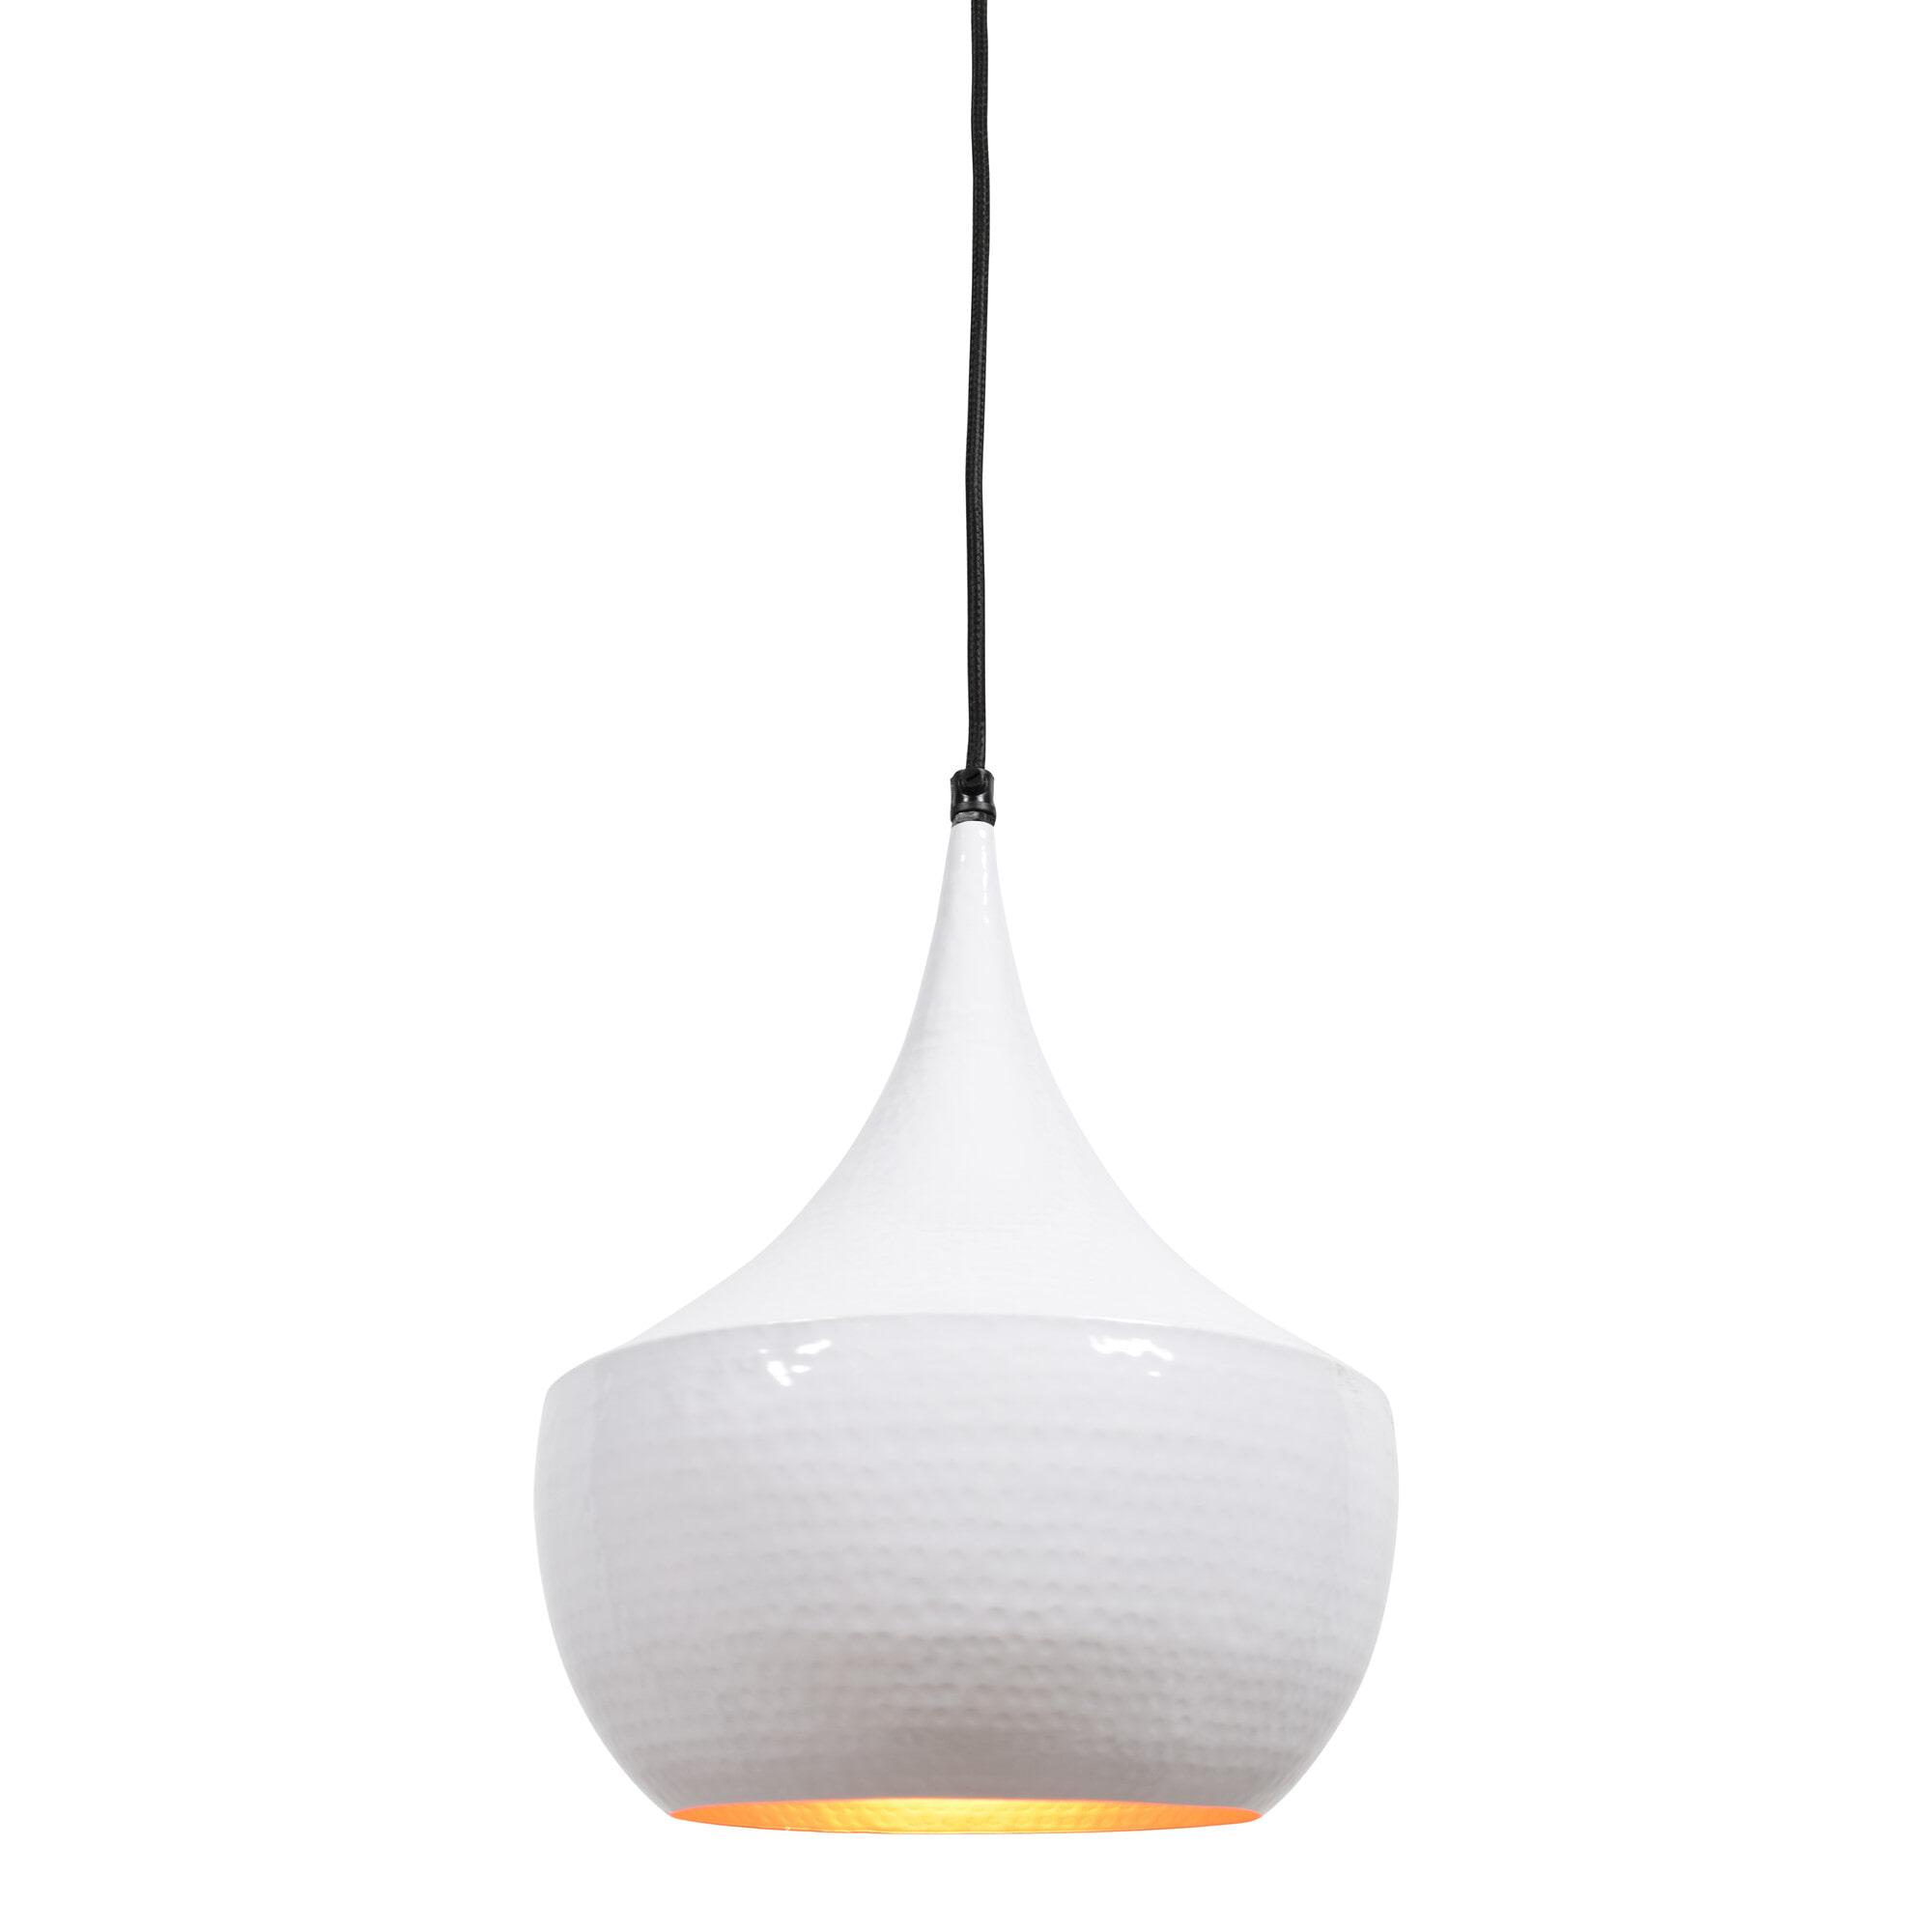 Op SlaapkamerComfort: Alles voor slapen is alles over meubelen te vinden: waaronder meubelpartner en specifiek Urban Interiors Hanglamp Doll 24cm, kleur wit (Urban-Interiors-Hanglamp-Doll-24cm-kleur-wit18856)